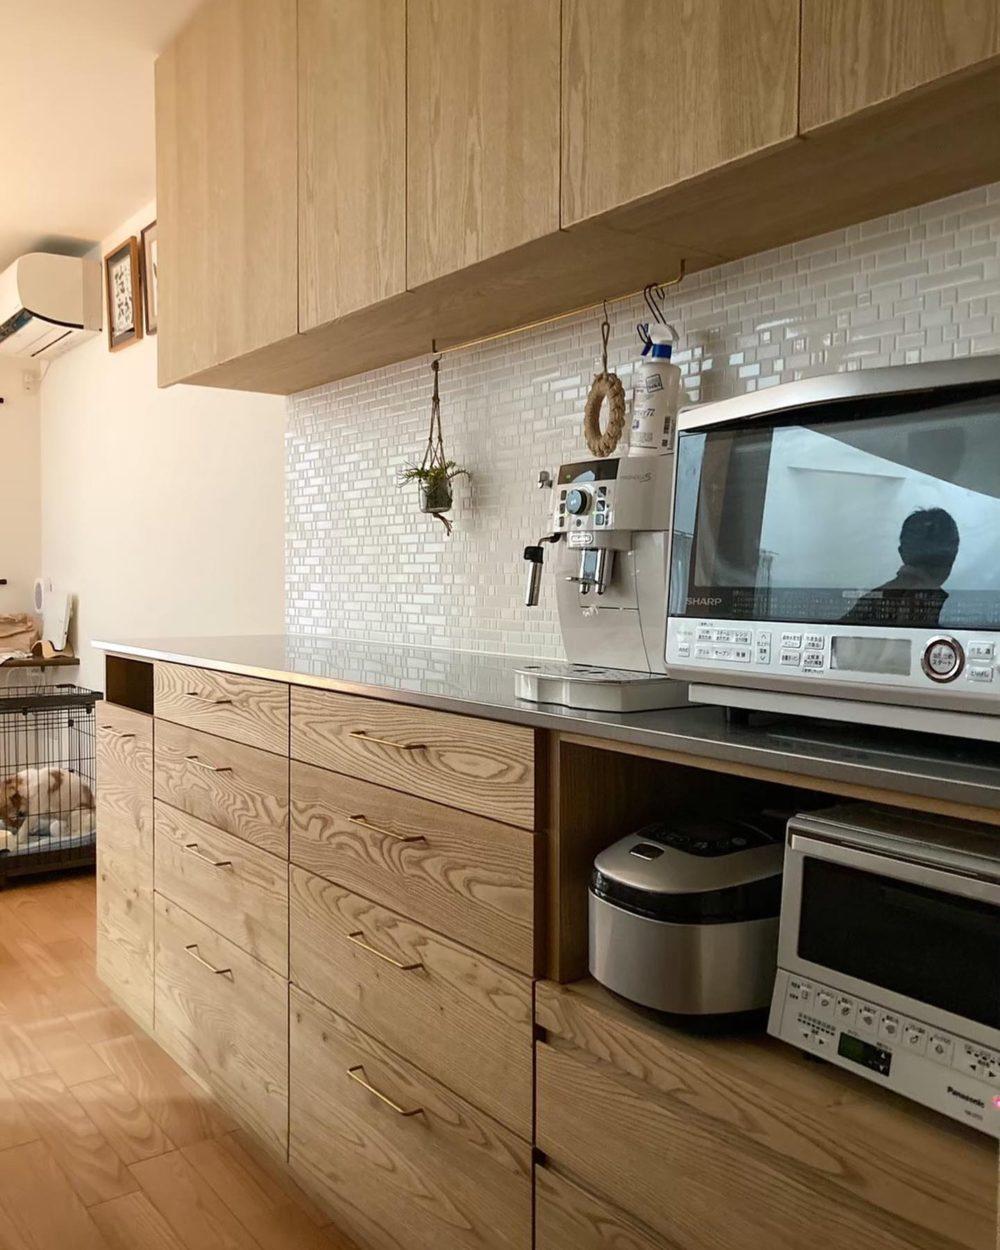 オーダー家具・カップボードとタイル工事/関西・大阪